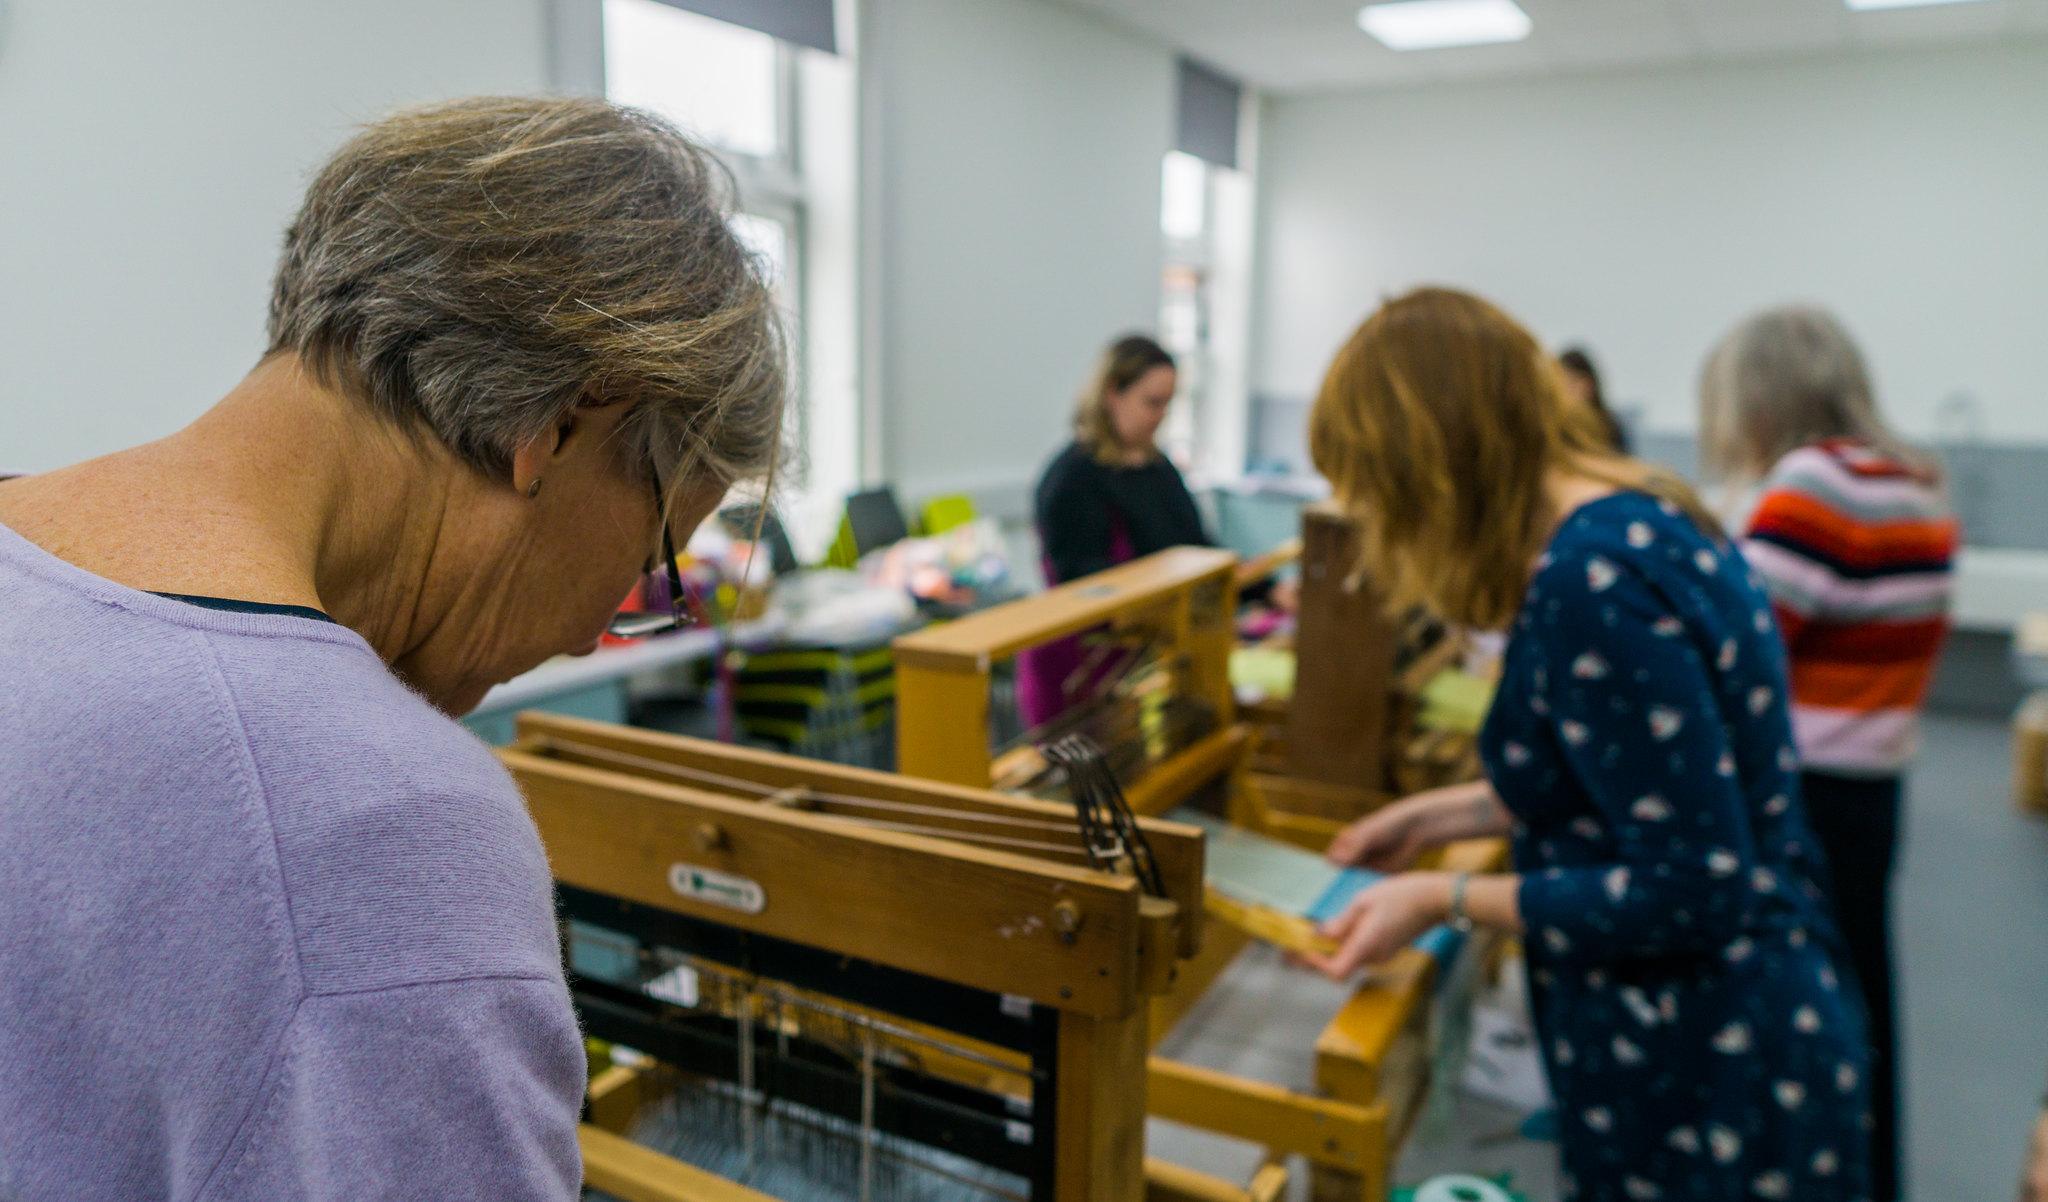 Women in a library weaving